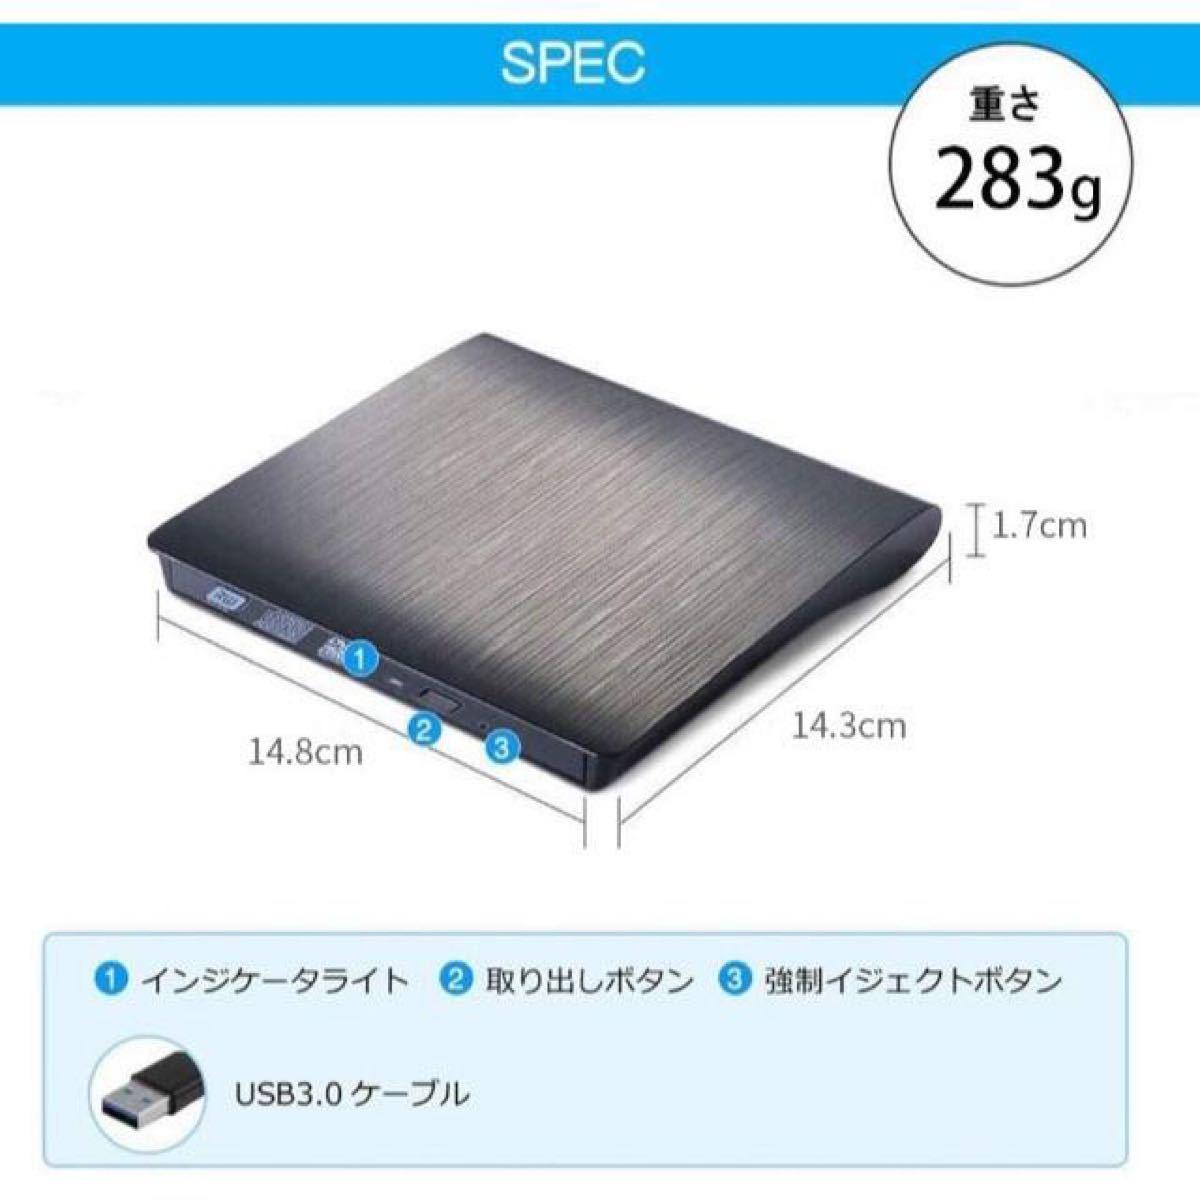 【2021最新版】USB 3.0外付け DVD ドライブ DVDプレイヤー PC